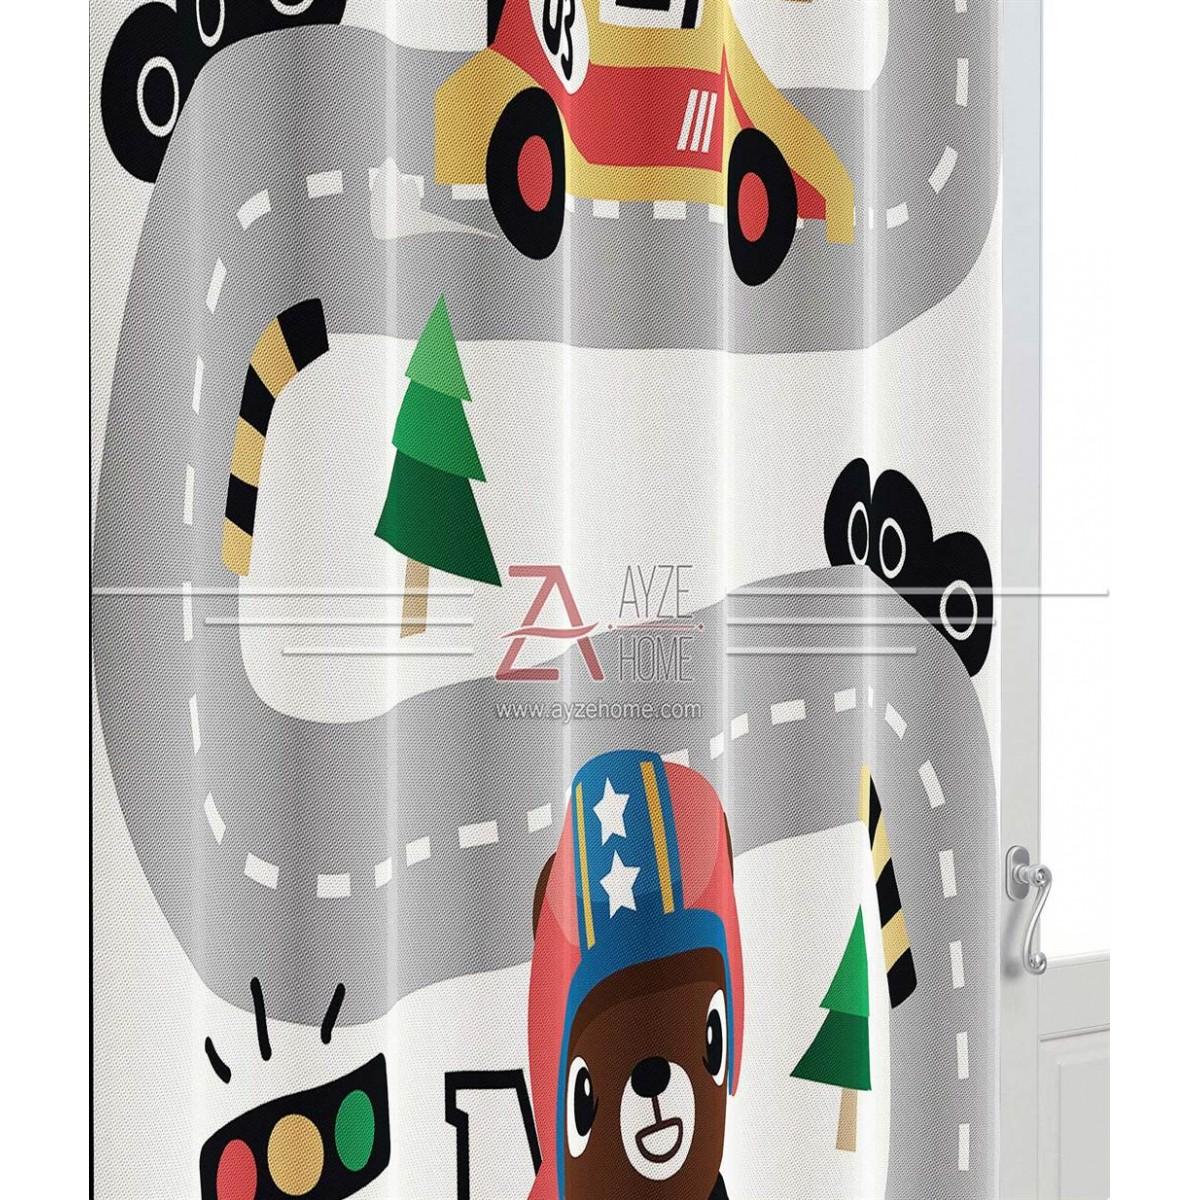 Erkek Çocuk Odası - Araba Yol Model - Baskılı Fon Perde